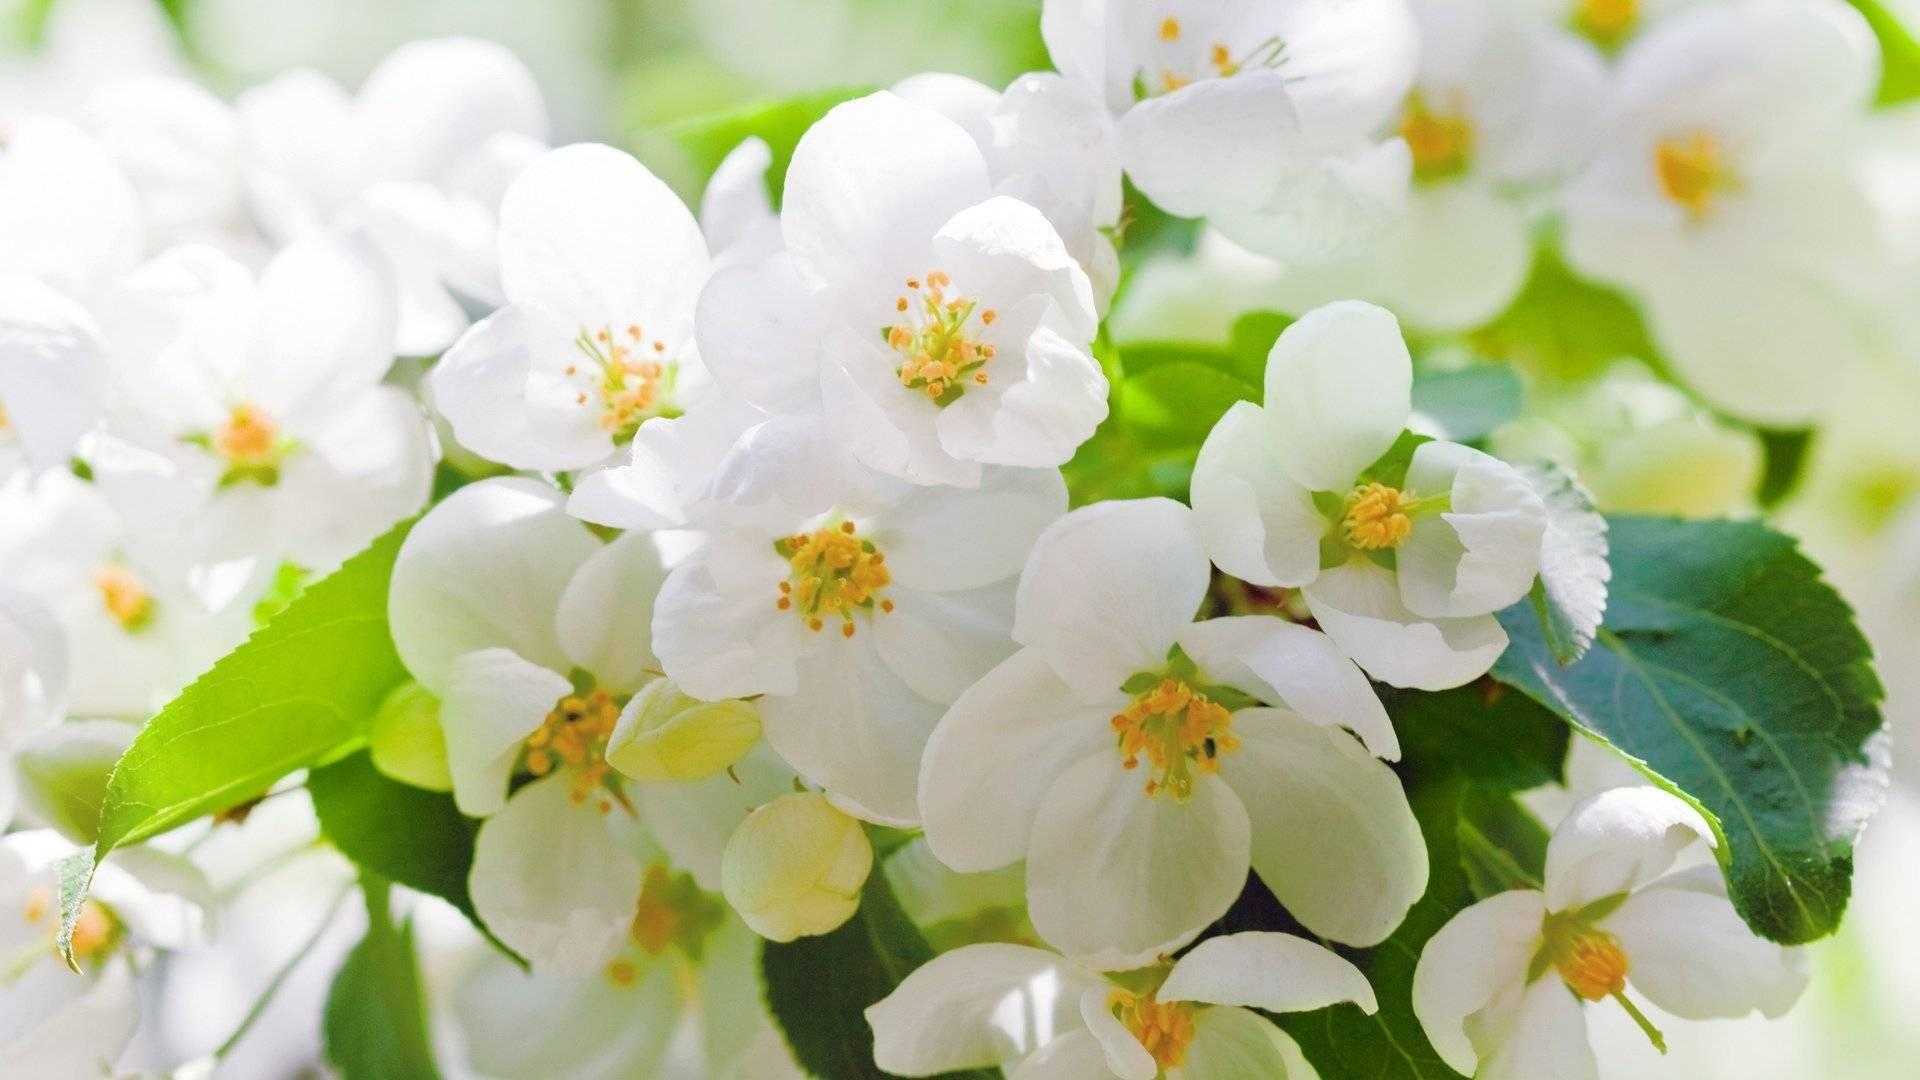 Как вырастить комнатный жасмин: подбор сорта, уход, причины отсутствия цветения